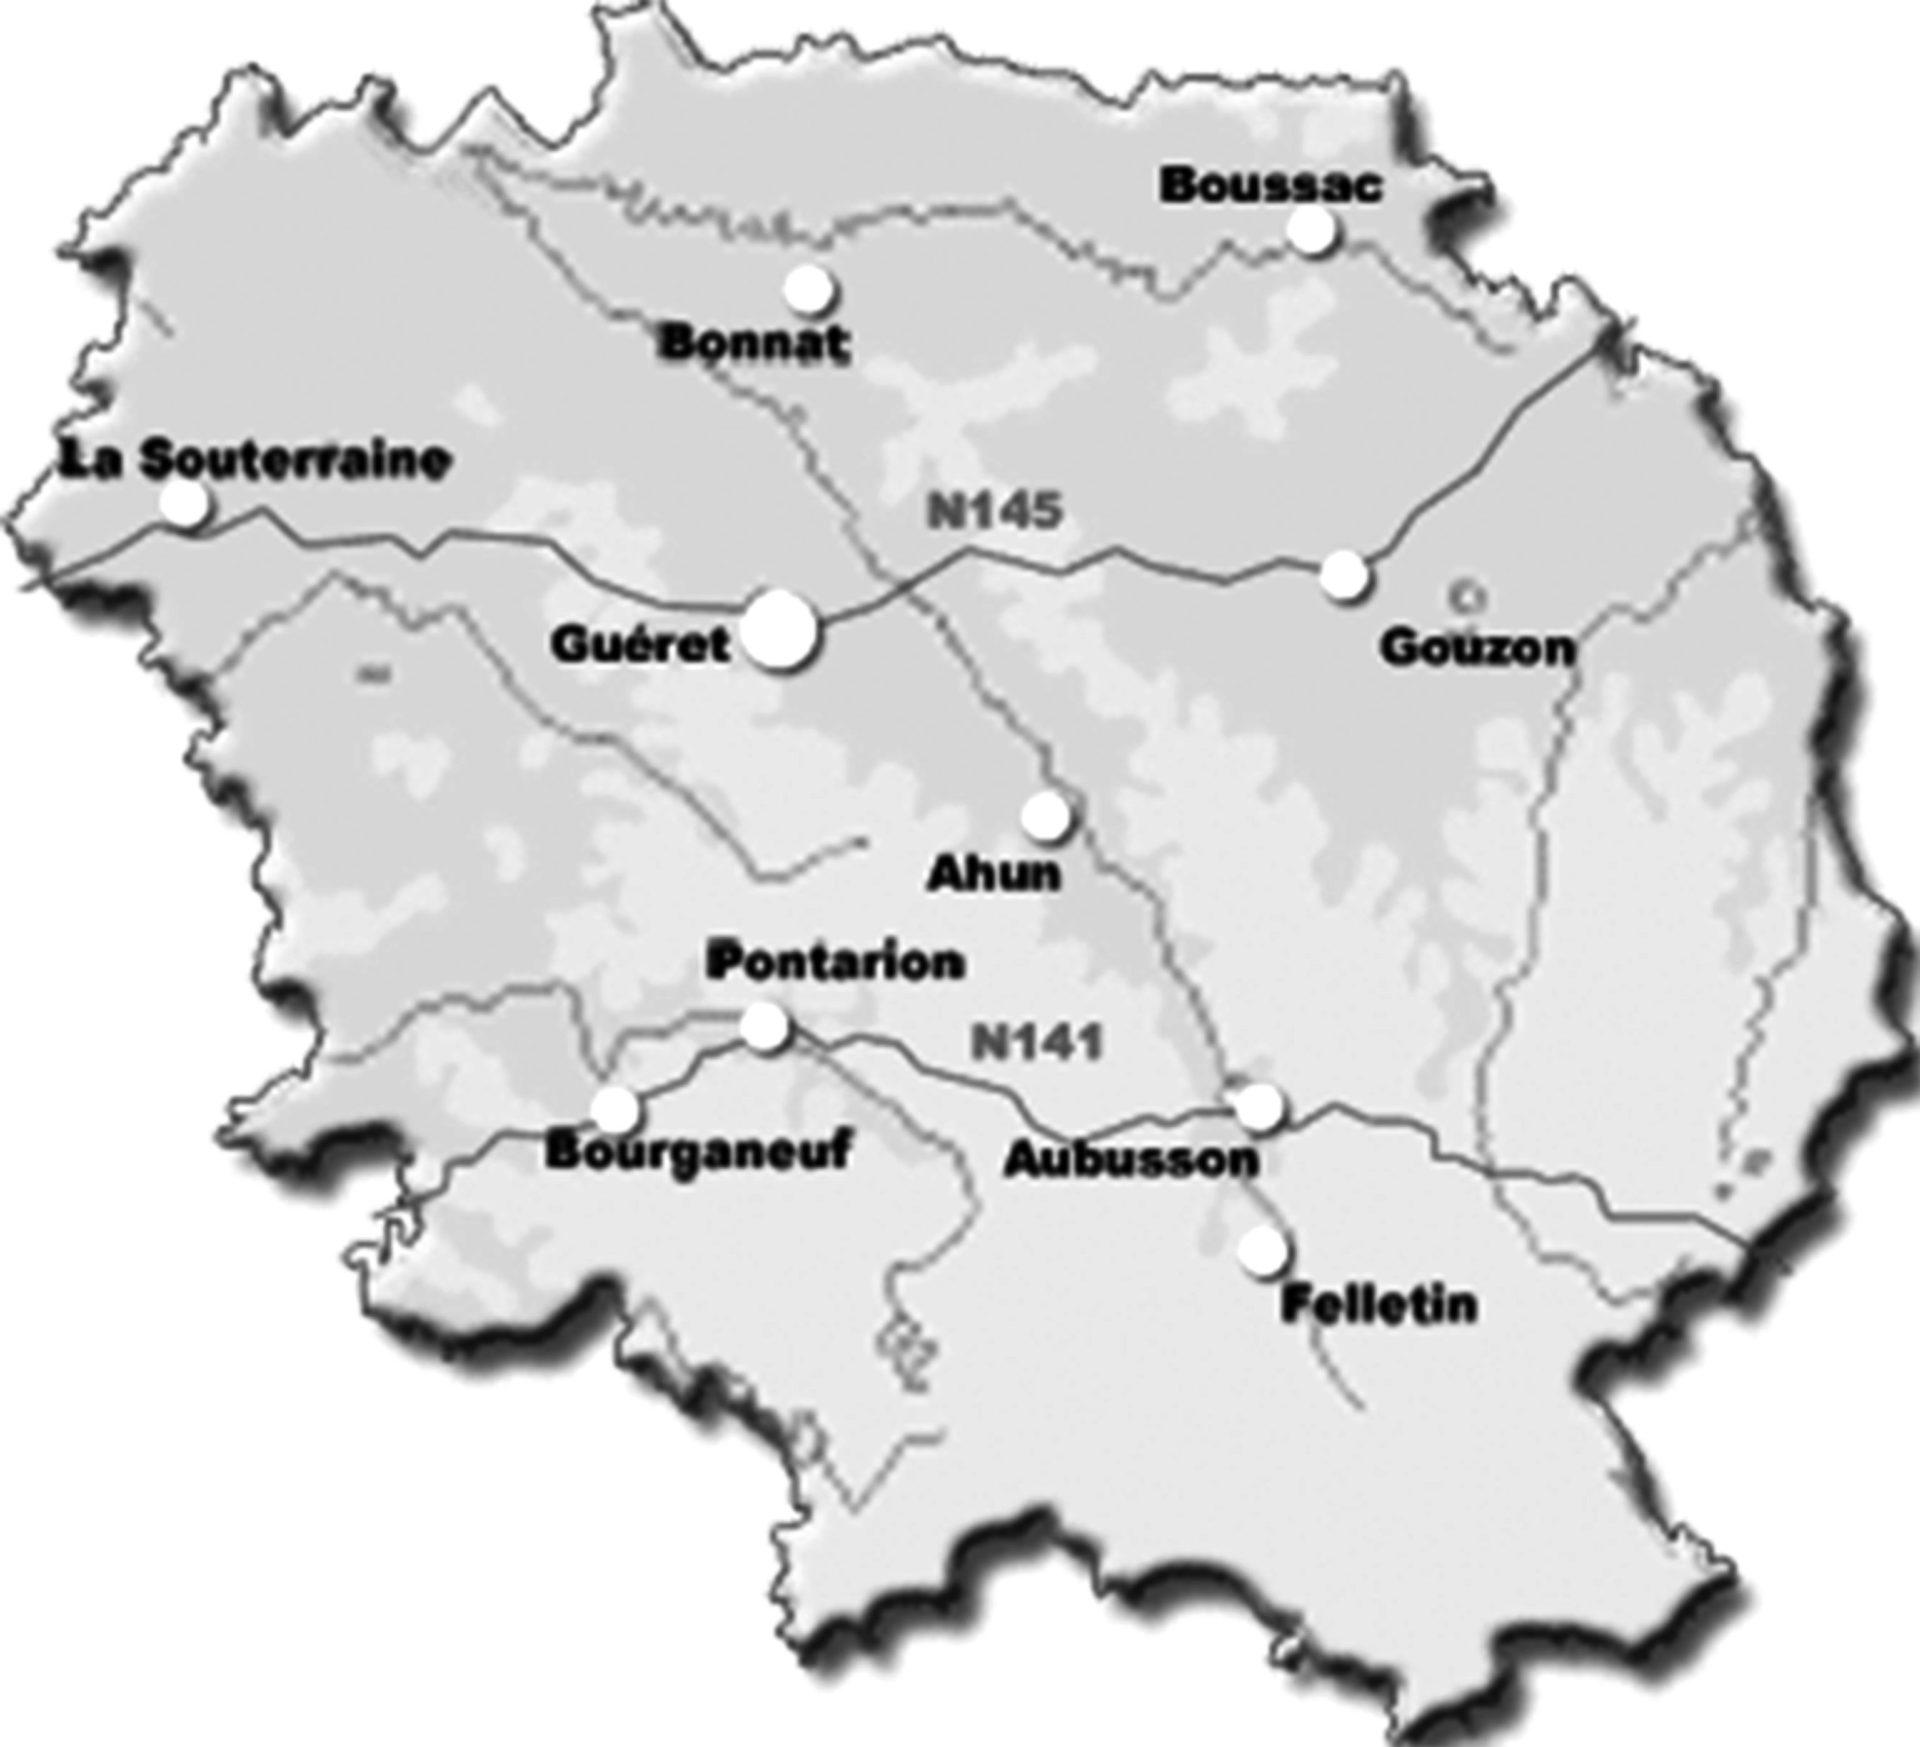 Carte de l'implantation templière en Creuse.